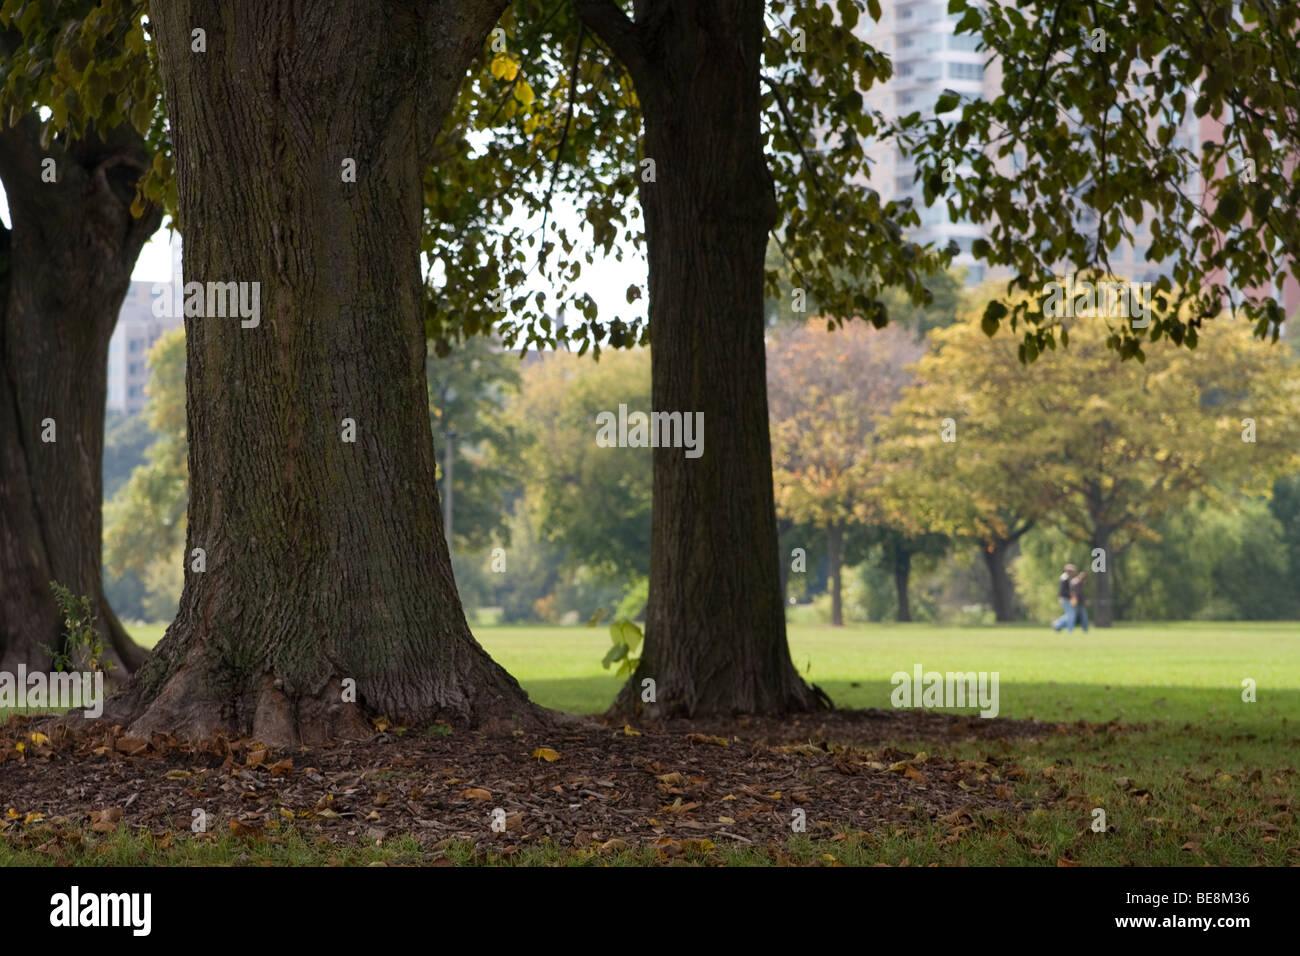 Los Arboles Dan Sombra En Una Agradable Tarde De Otono En Un - Arboles-que-dan-sombra